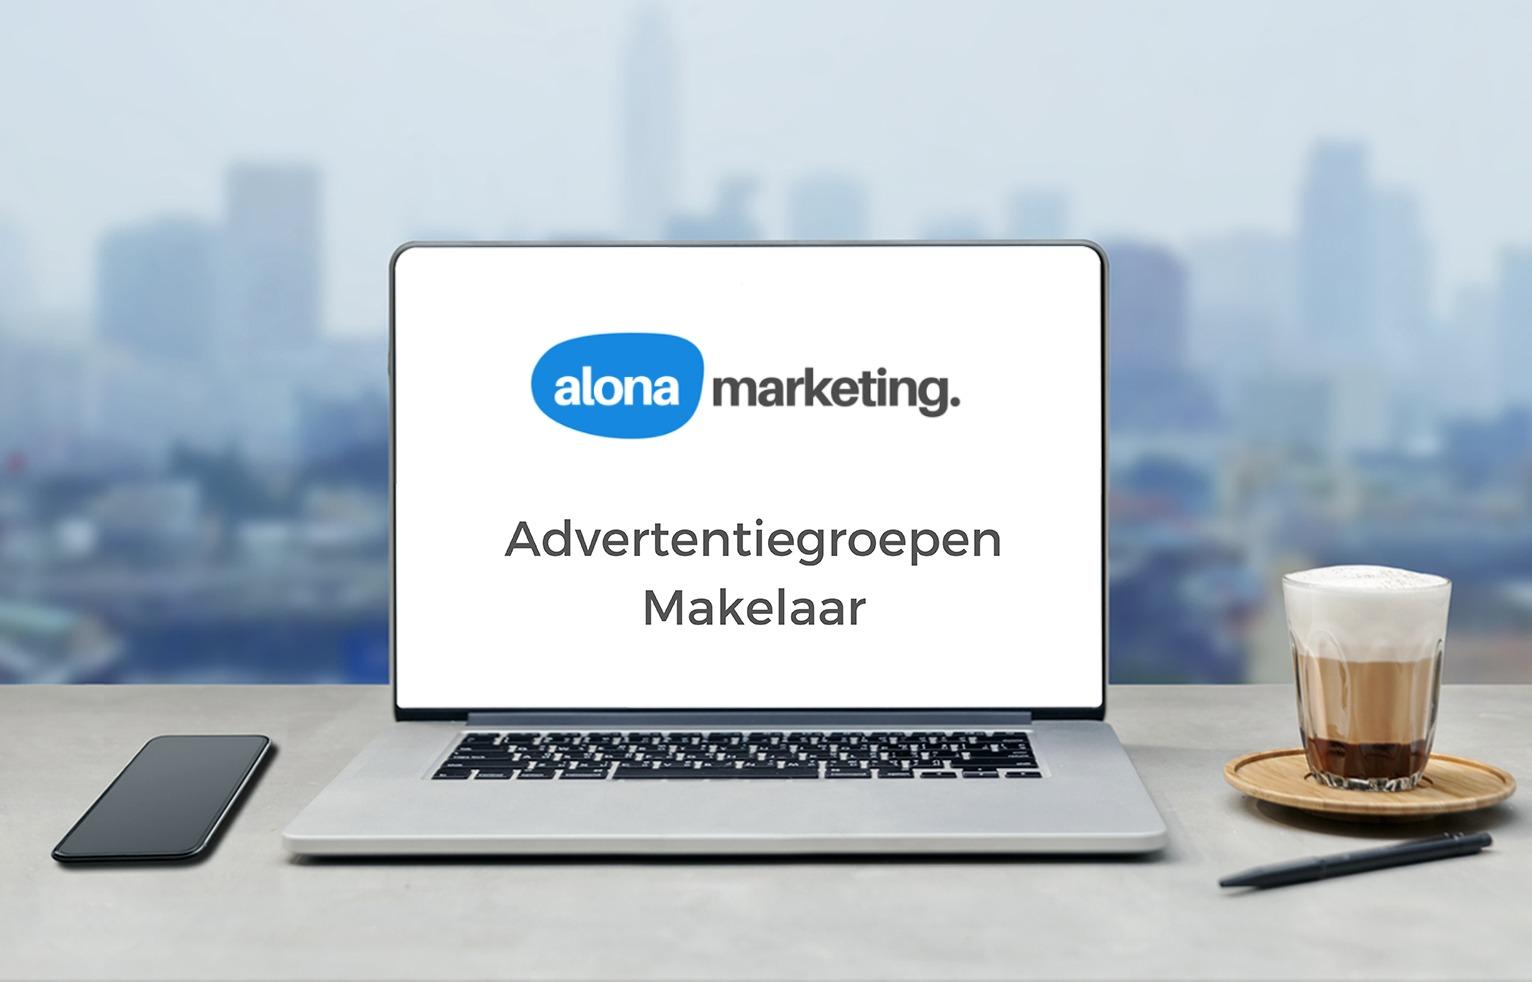 Advertentiegroepen Makelaar